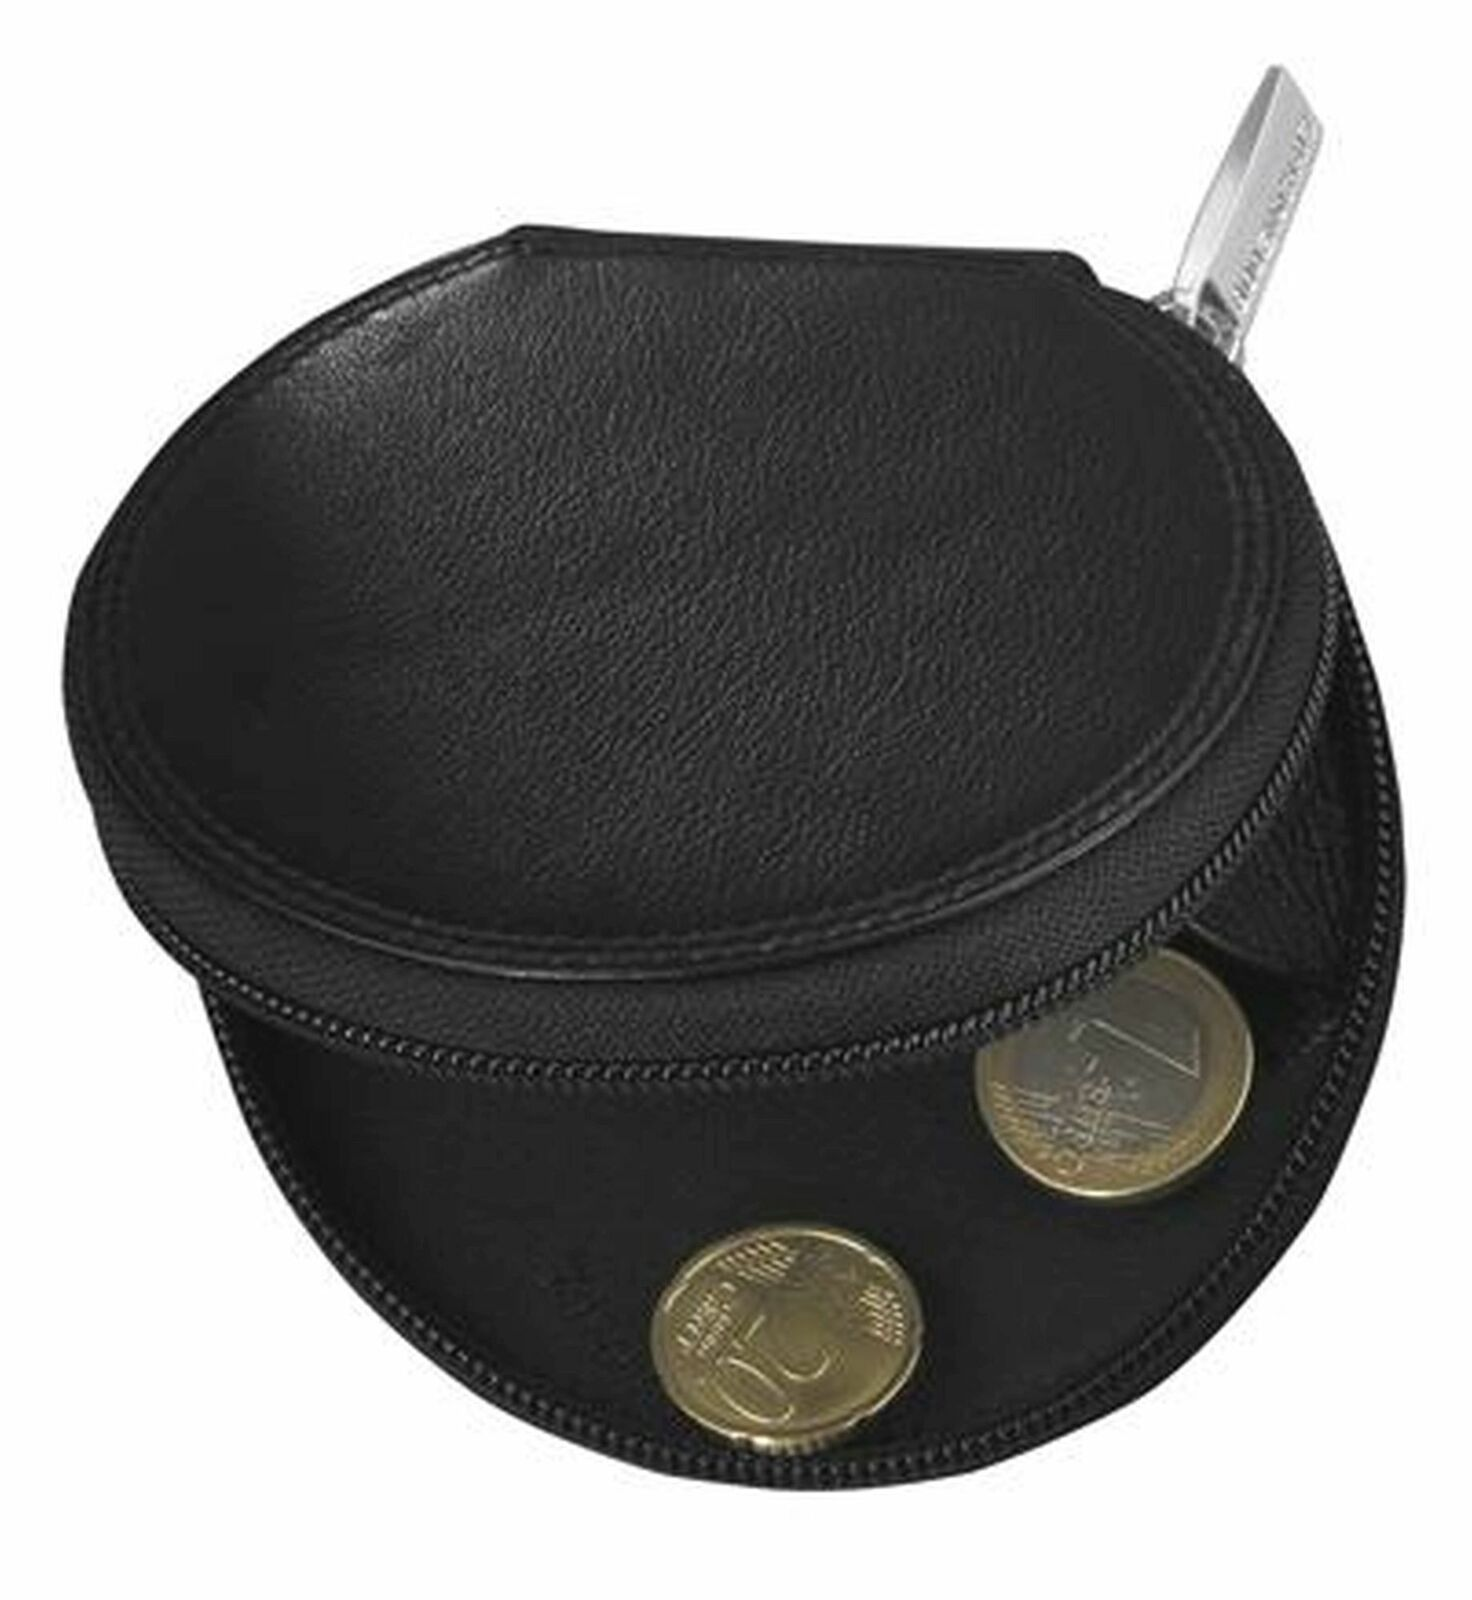 Bodenschatz Münzbörse Minibörse kleiner Geldbeutel Leder Geldbörse klein